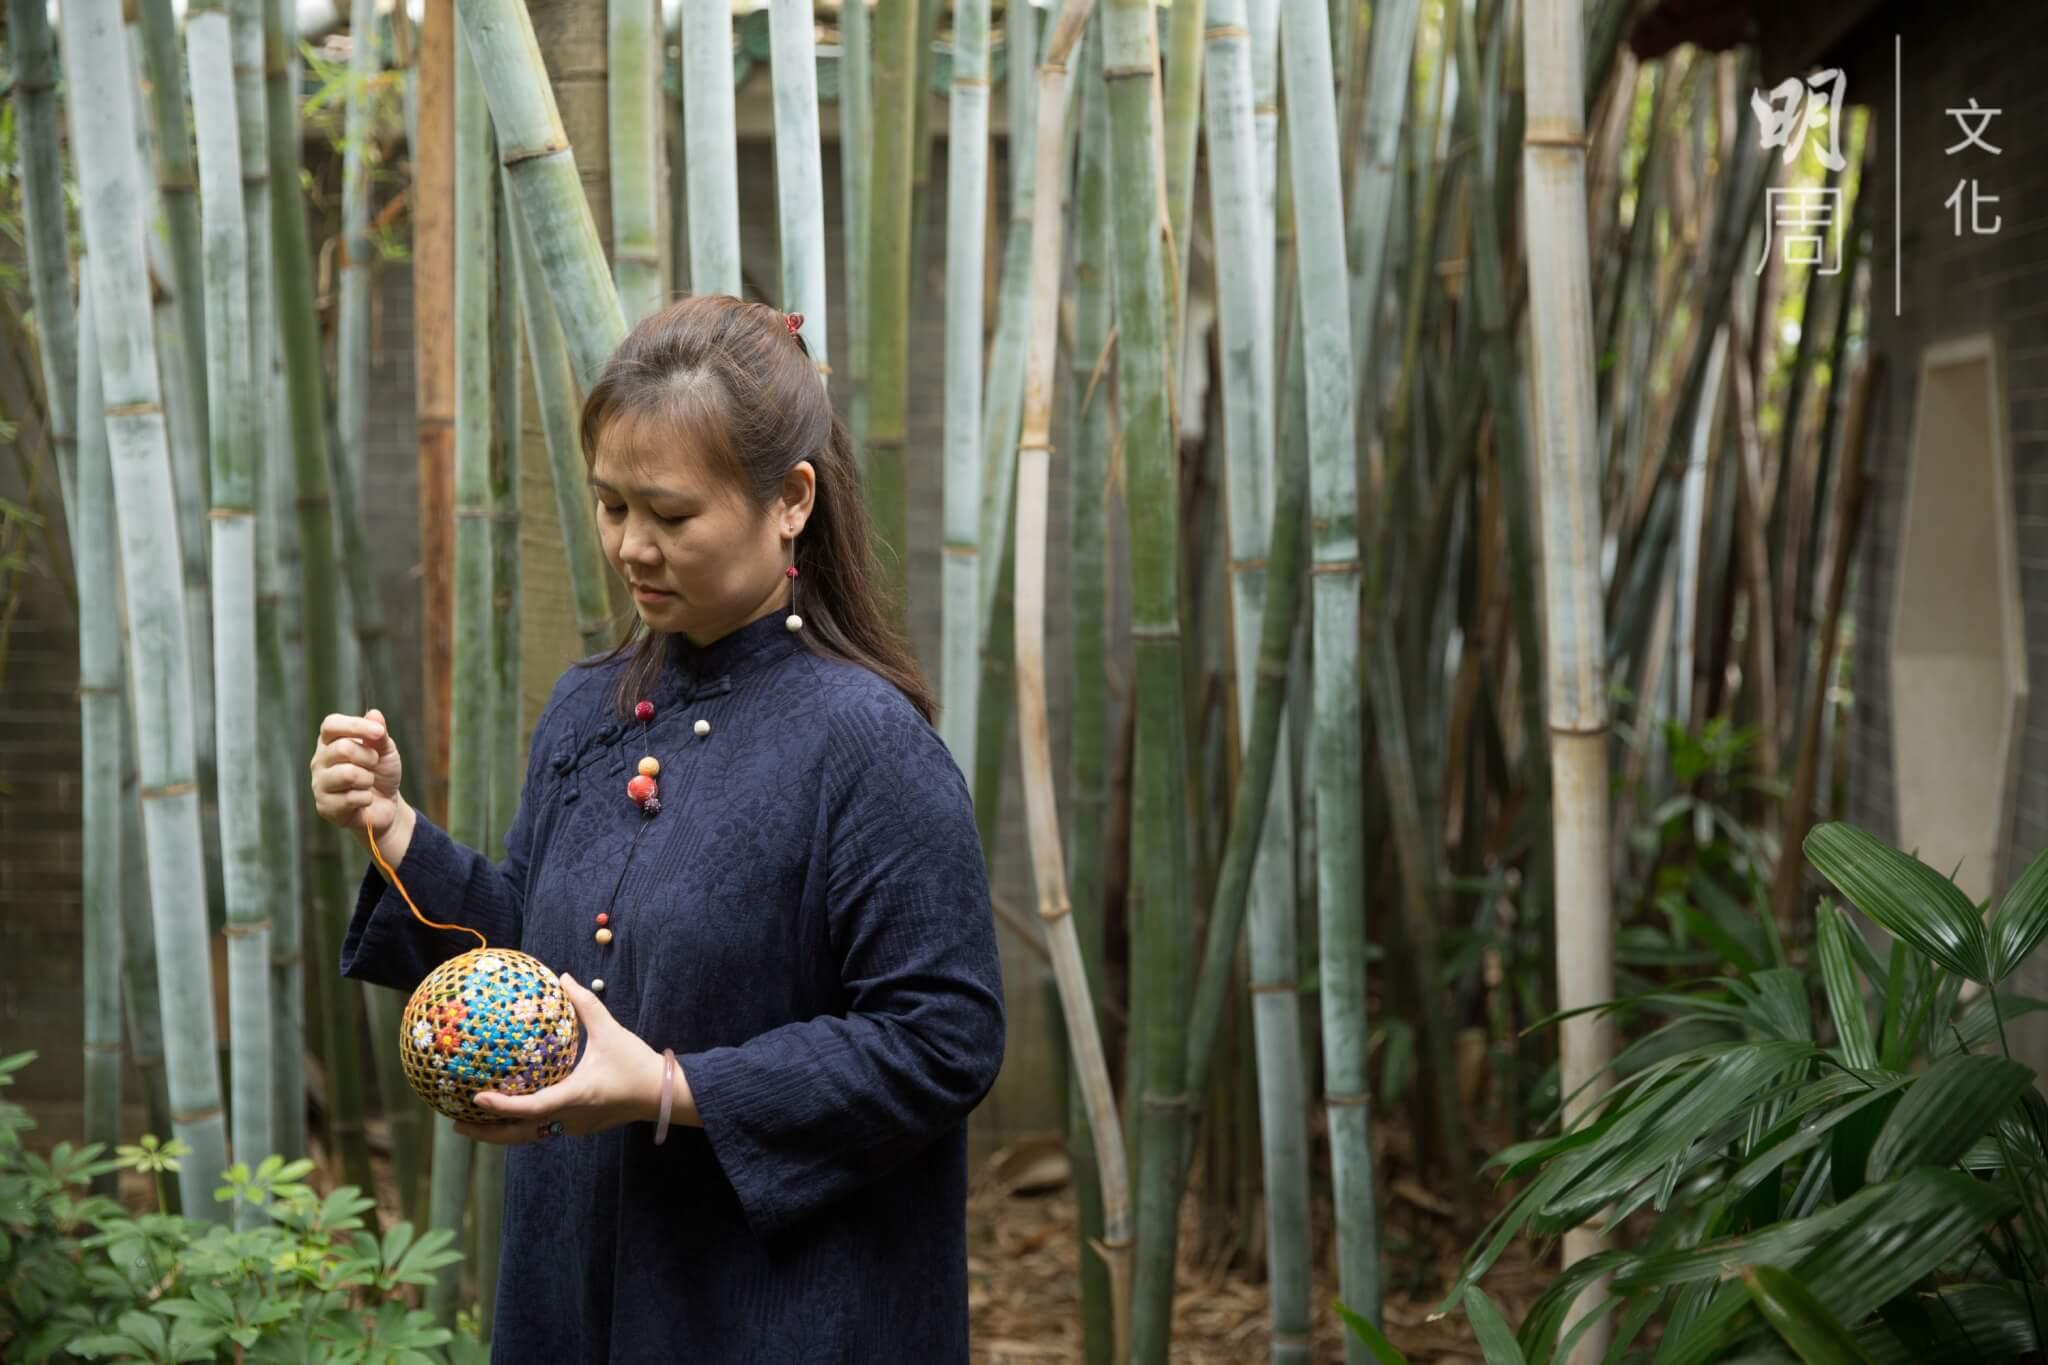 黃秀娟現擔任日本手毬協會支部長,於本地推廣傳統手毬工藝。